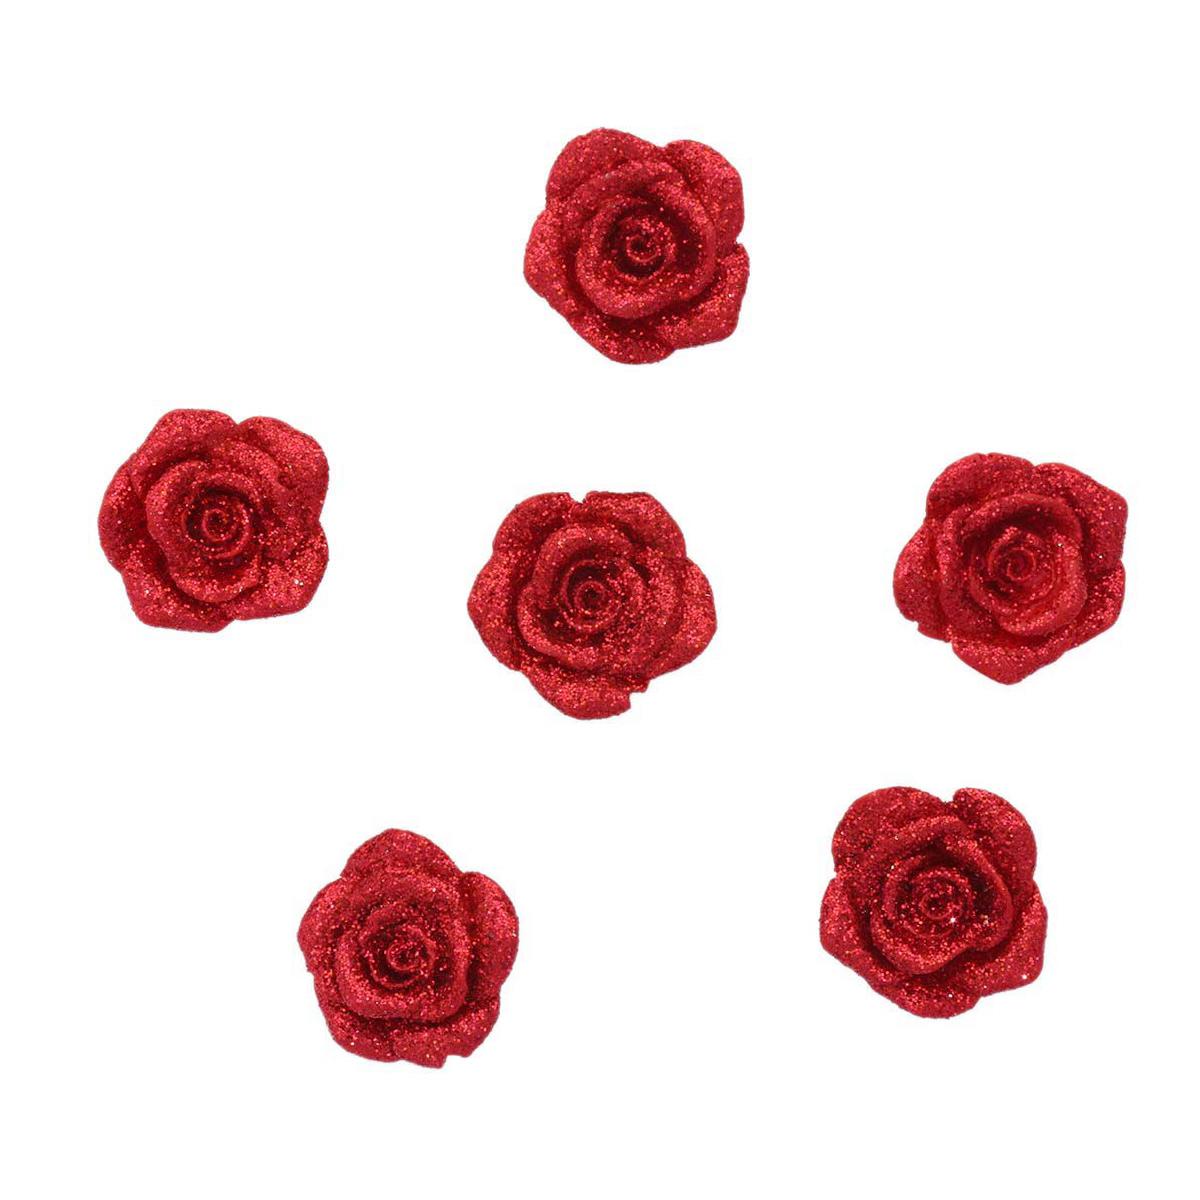 LR15 4617 Объемные фигурки 'Роза' (полимер), 2,5*2,5